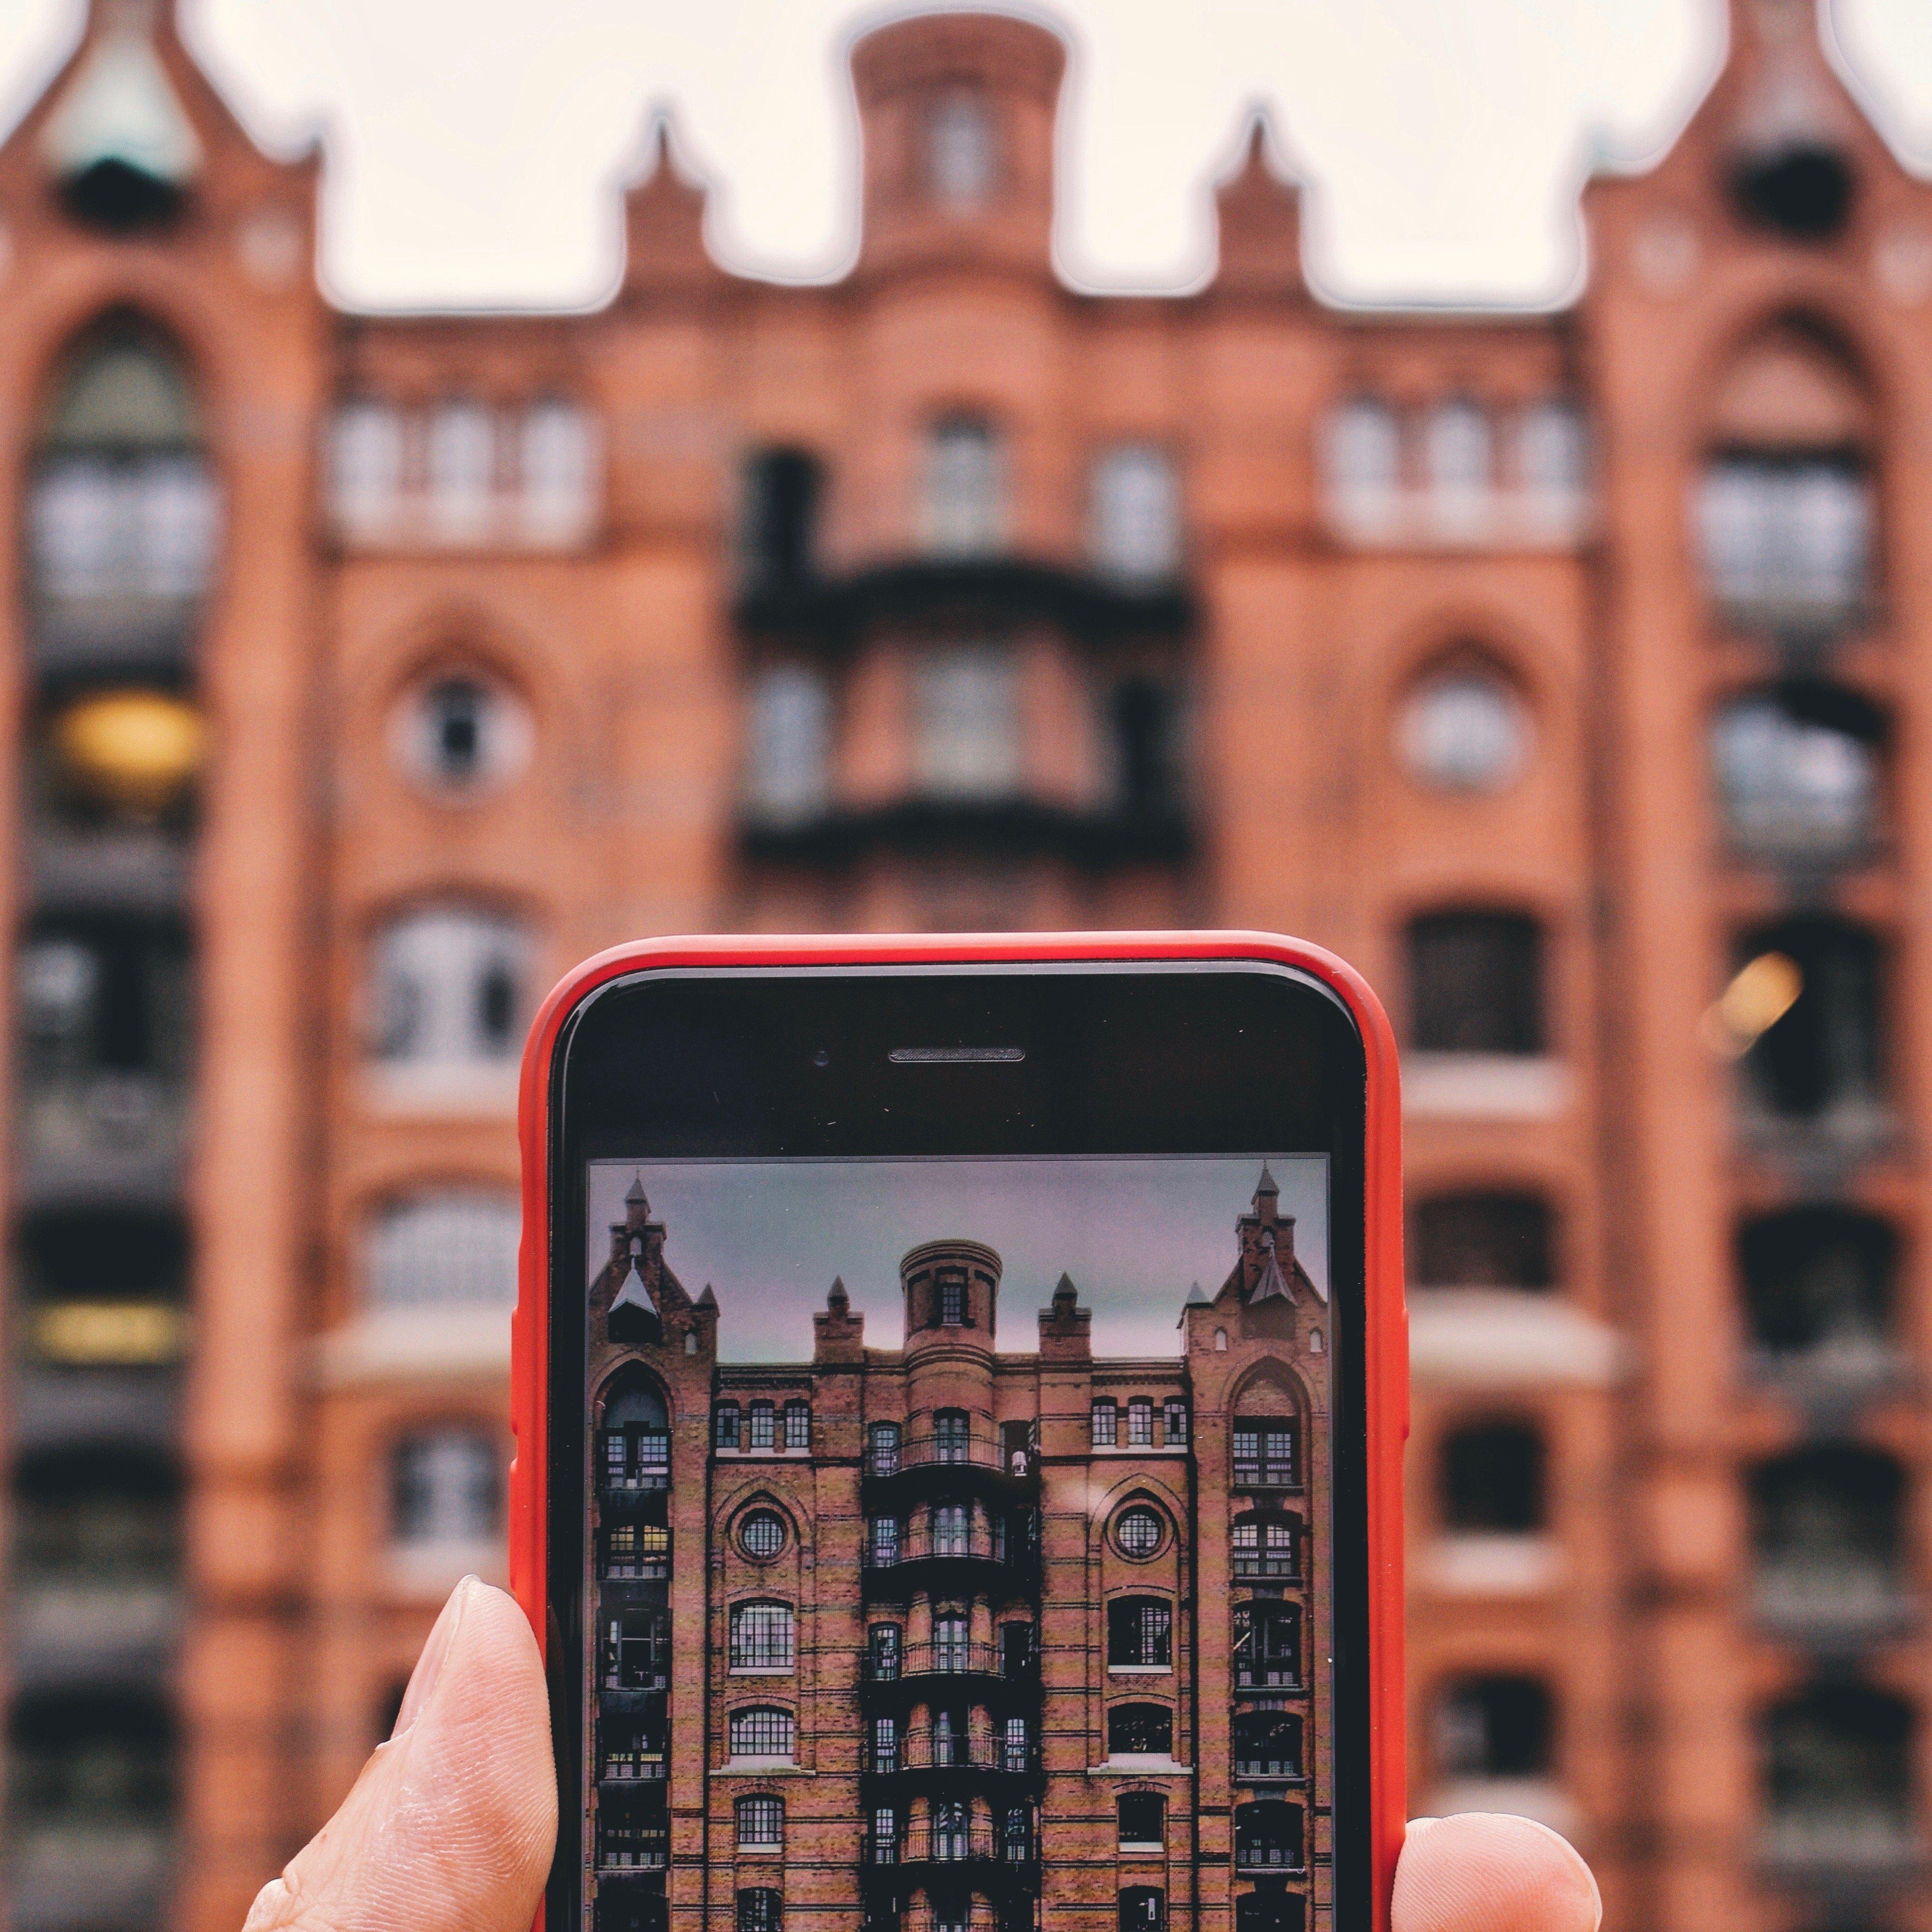 Fotografieren Mit Dem Smartphone: Wie Man Das Beste Aus Seinen Bildern Heraus Holt